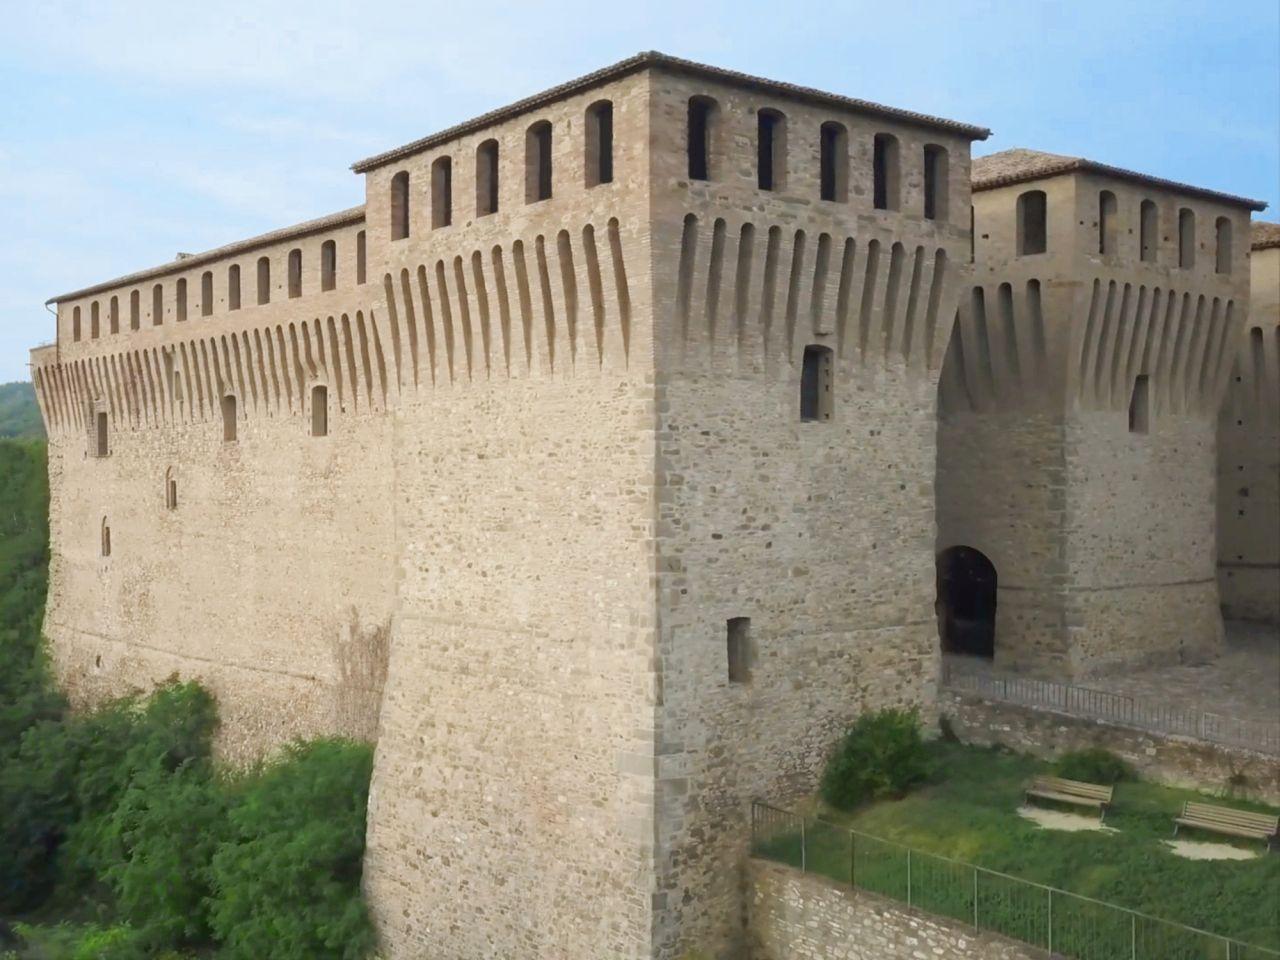 Circuito Castelli del Ducato. Primavera 2021. Castello di Varano, mastio. (via Castelli del Ducato).